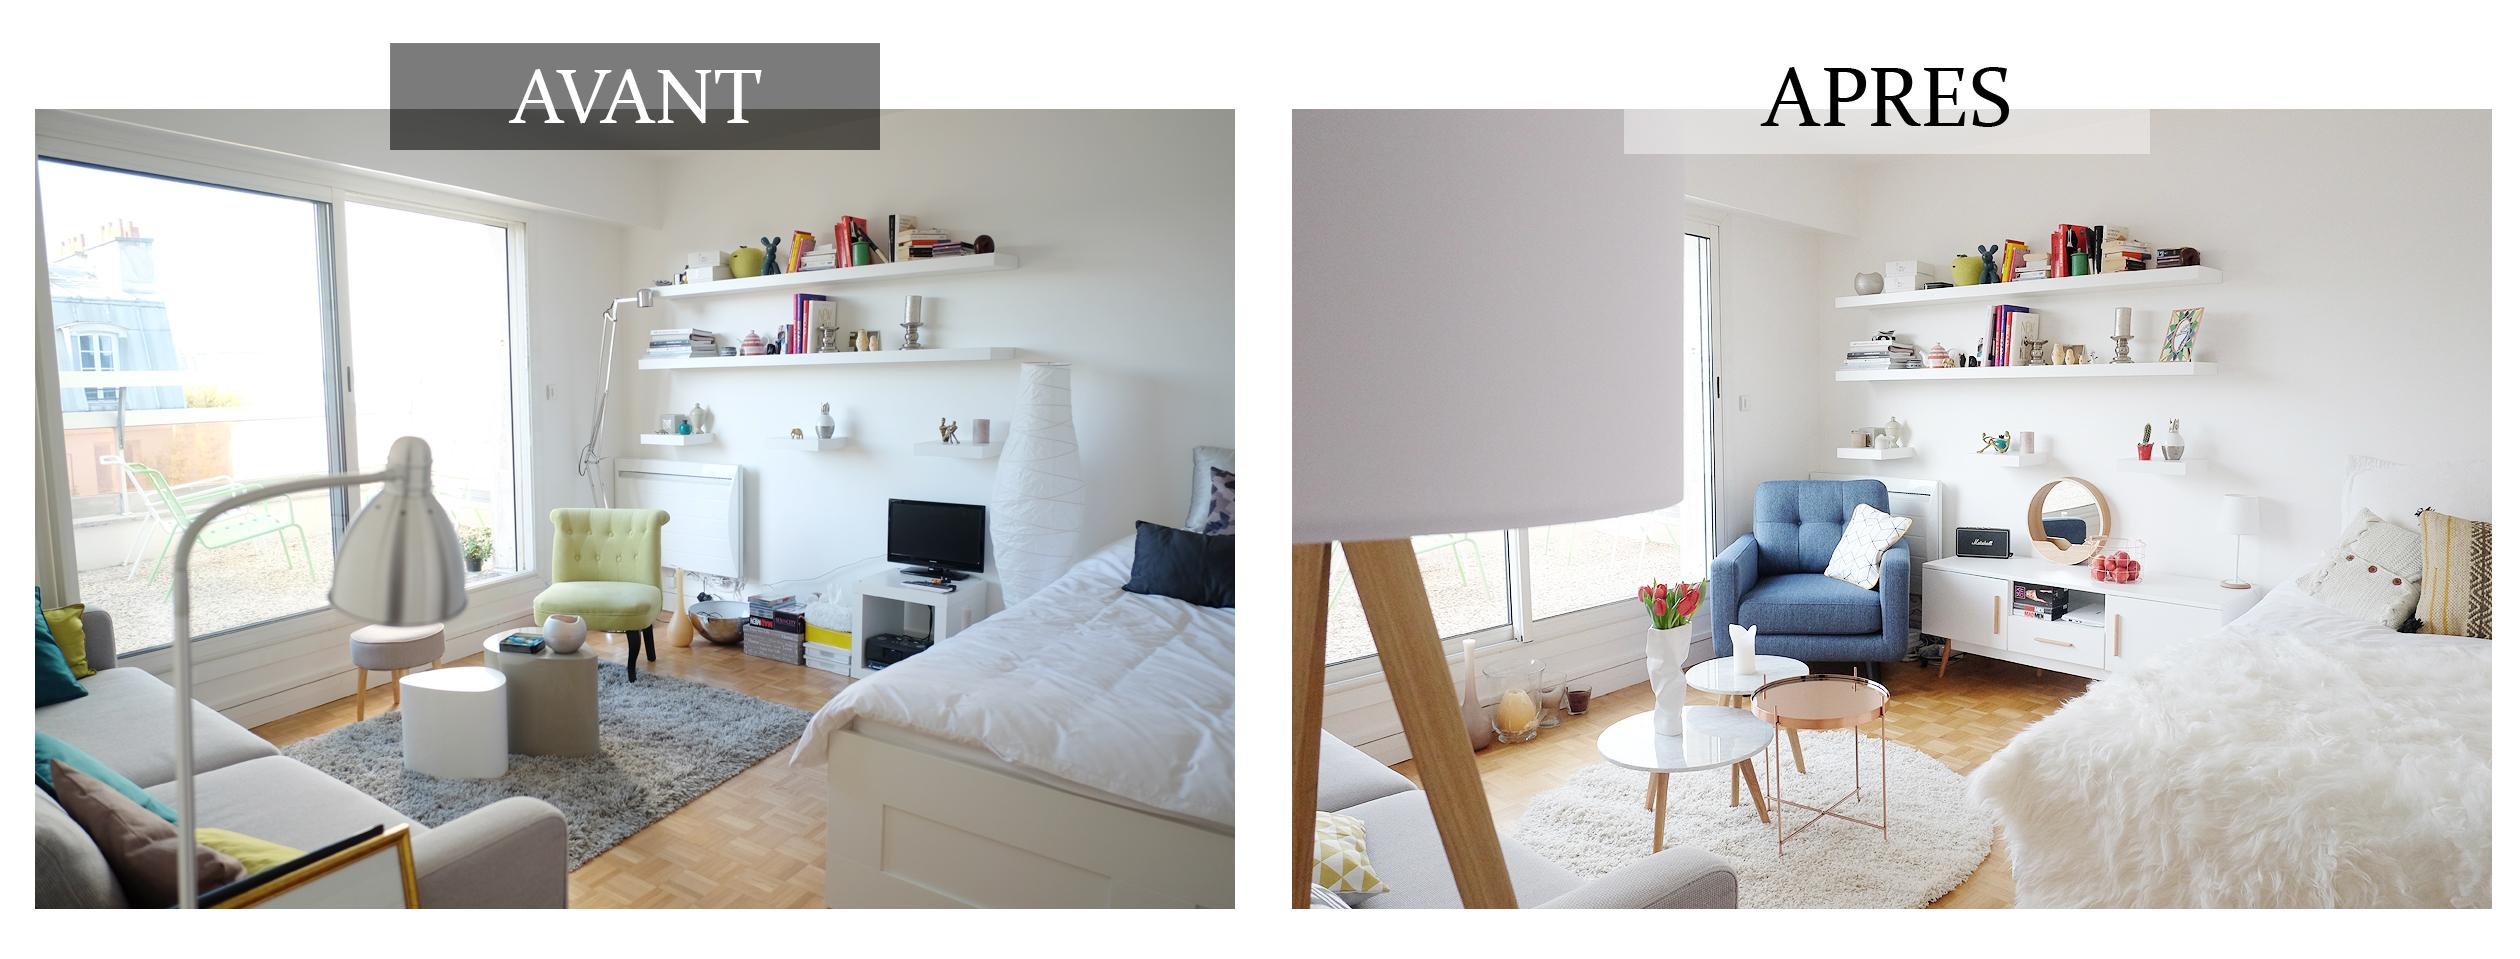 Relooking Appartement Avant Après relooking déco avec 3suisses ! – azzed